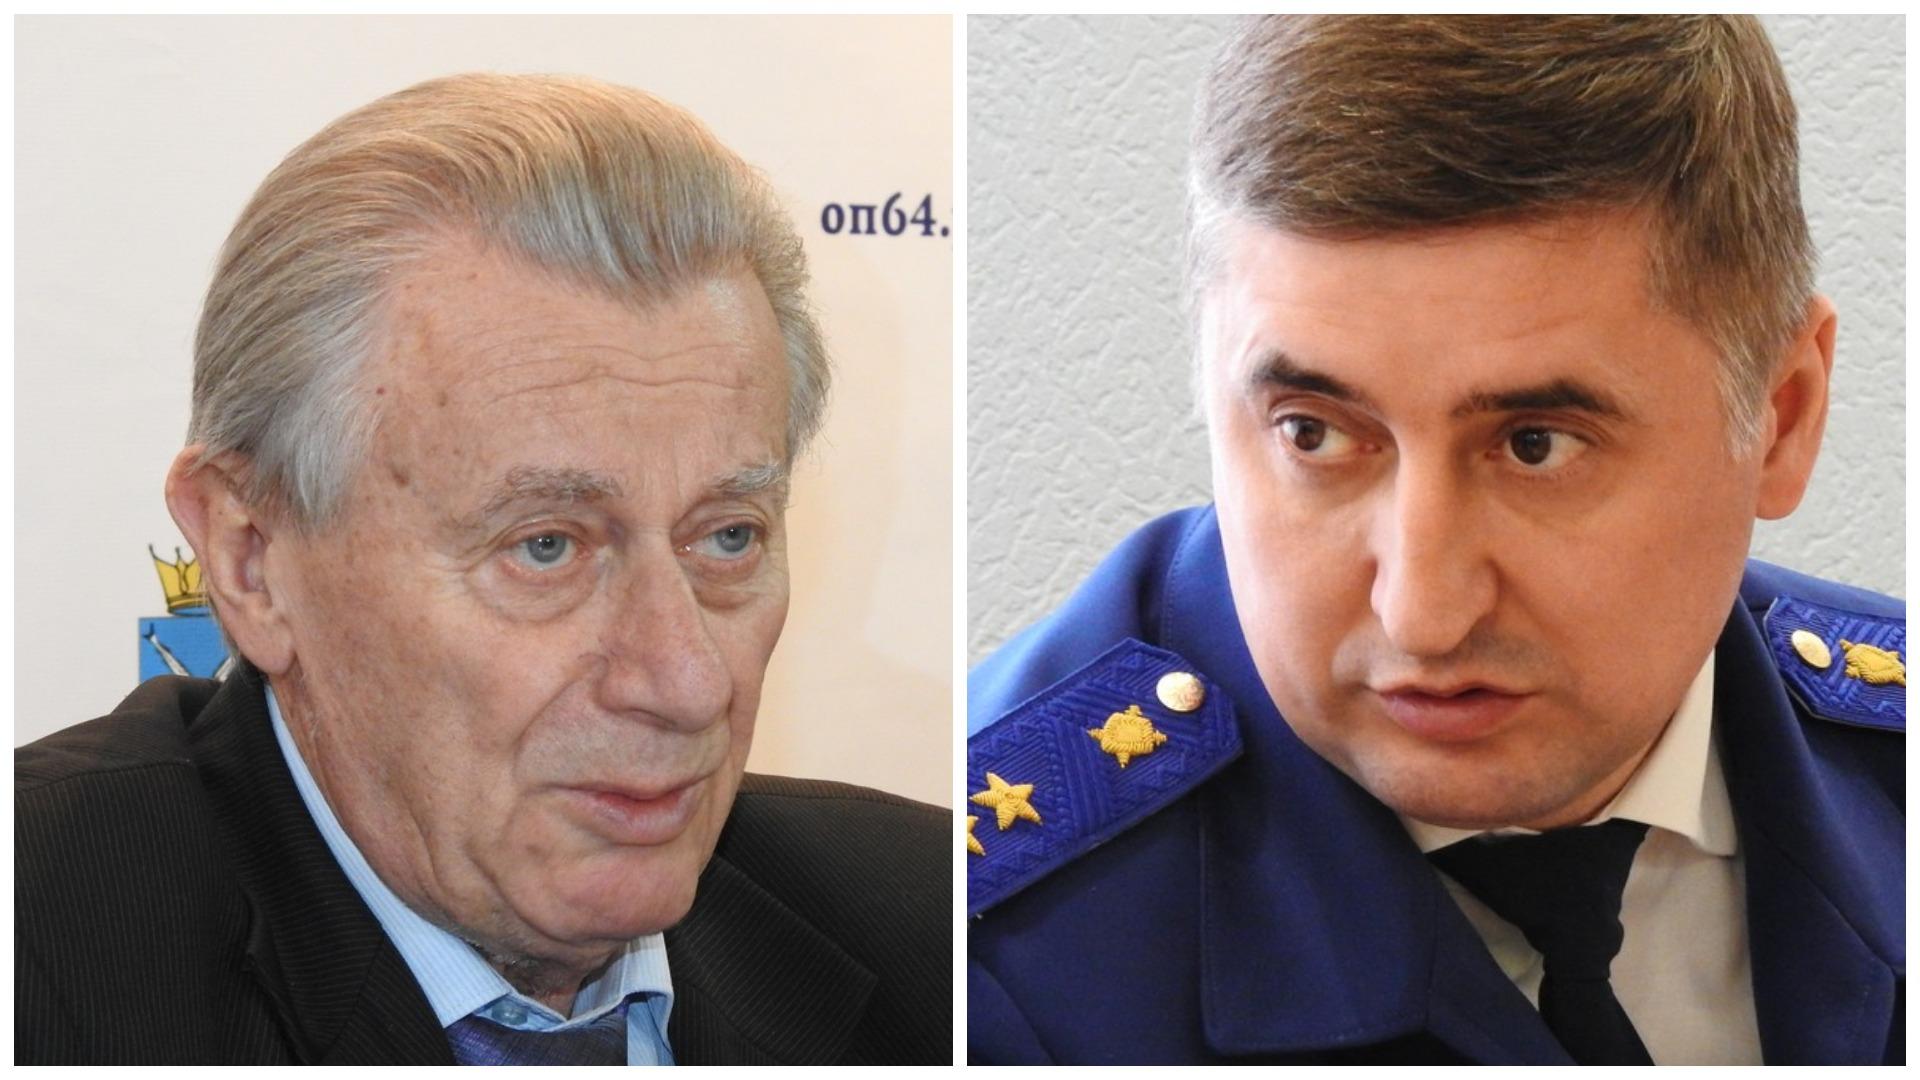 Ландо потребовал добровольной отставки областного прокурора Филипенко